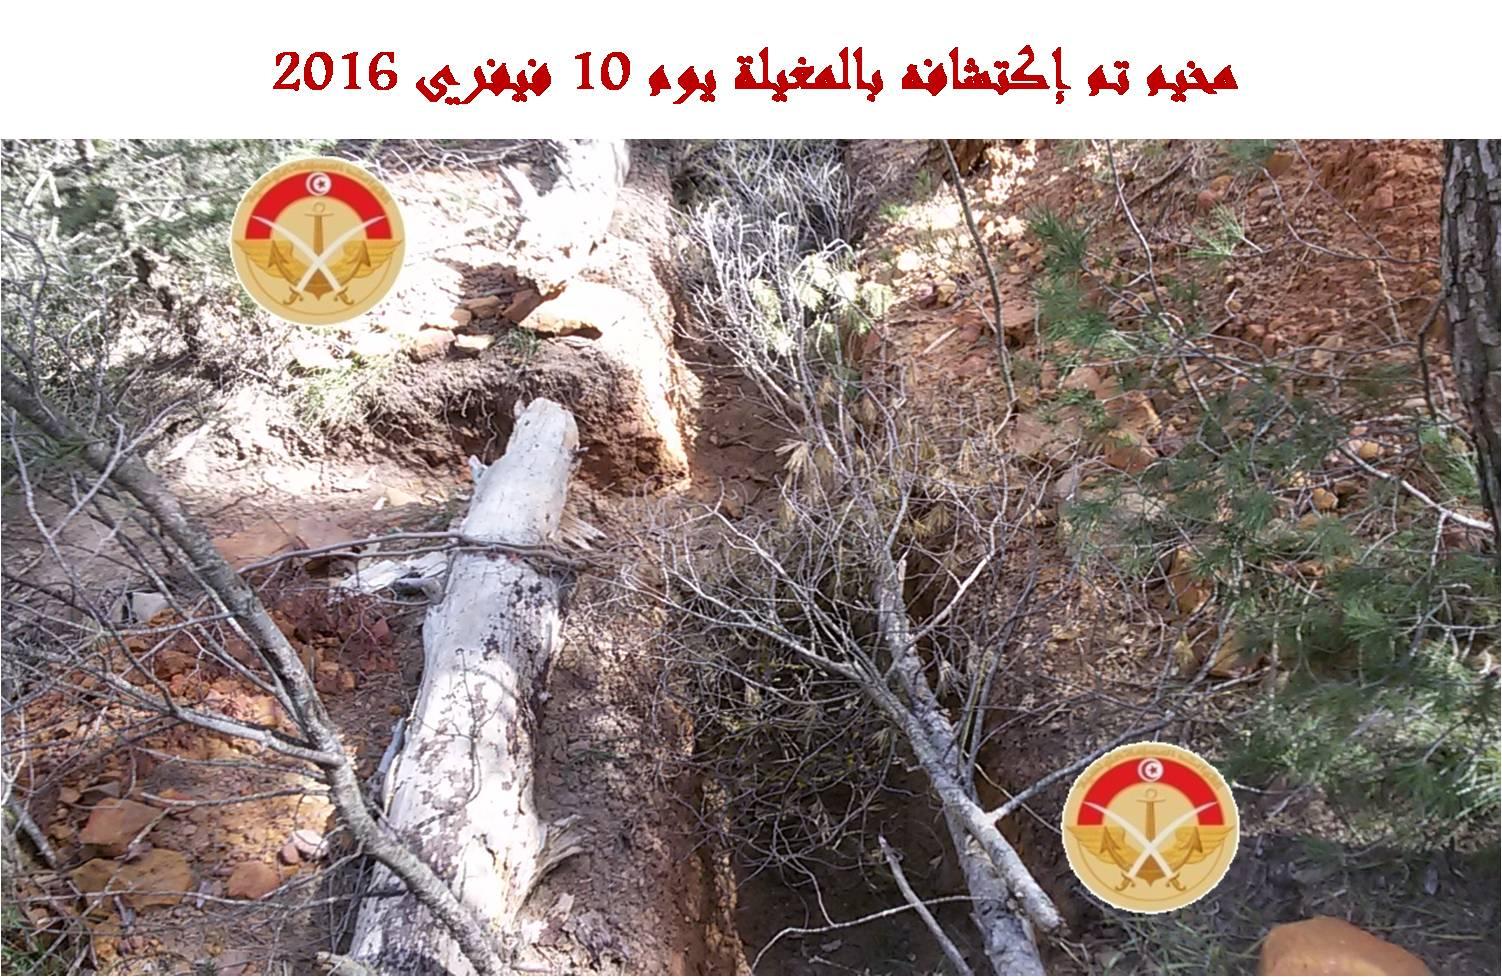 جبل المغيلة :الكشف عن مخيم لمجموعة ارهابية (صور) ...